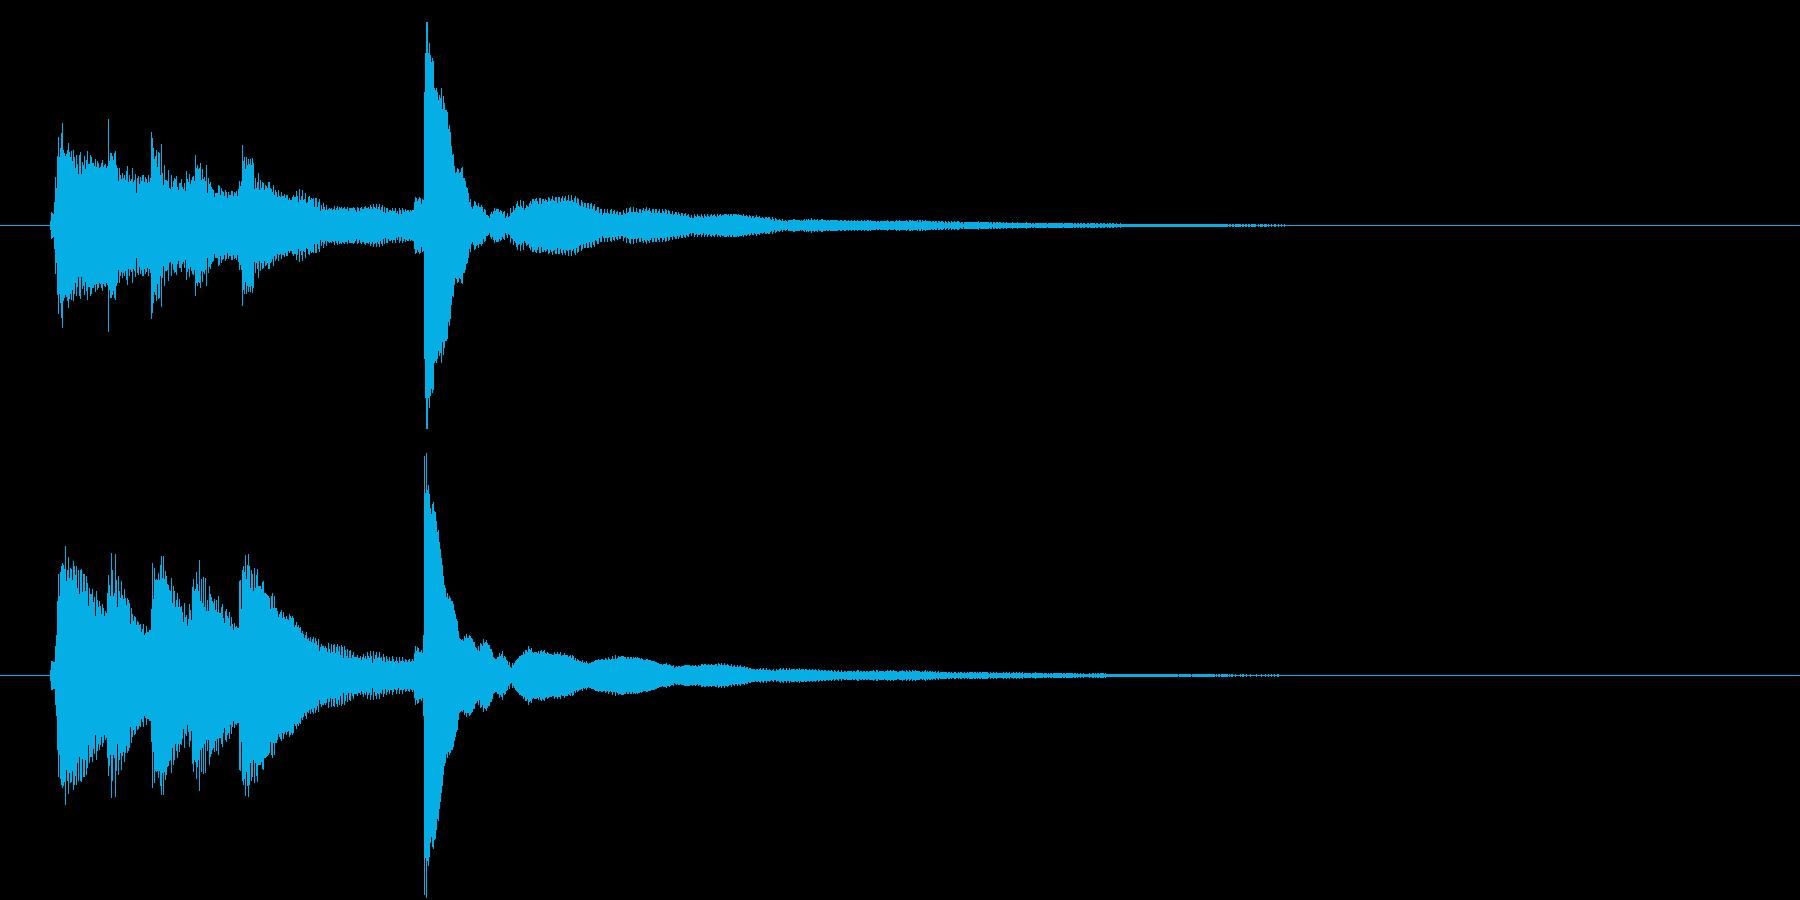 爽やかでシンプルなピアノ音のロゴ の再生済みの波形